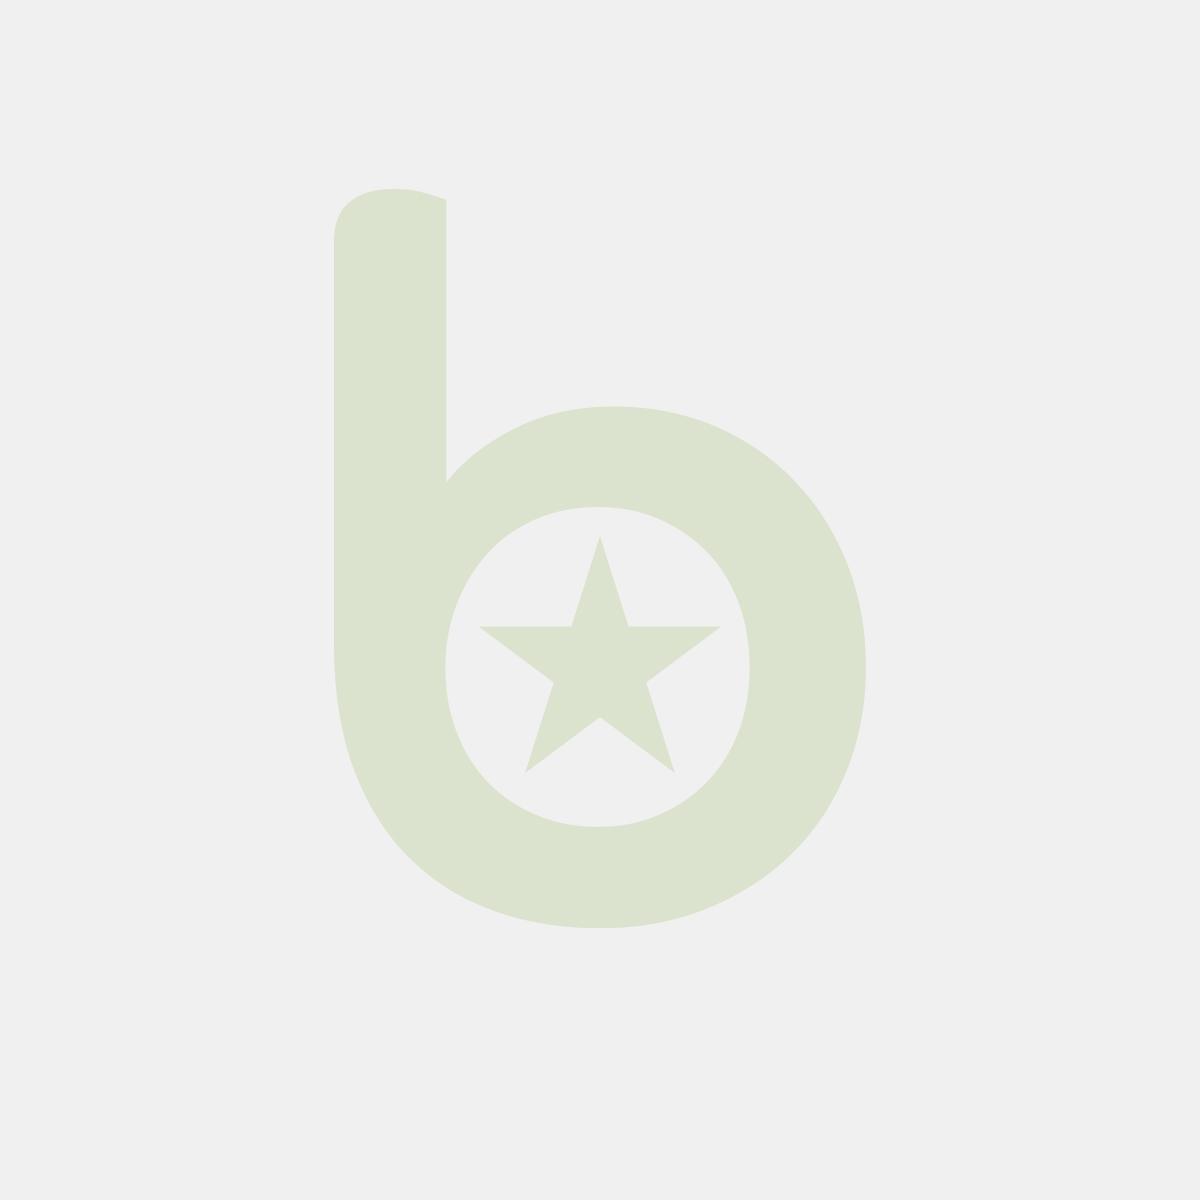 Taca drewnopodobna prostokątna 37x14 cm szara z melaminy